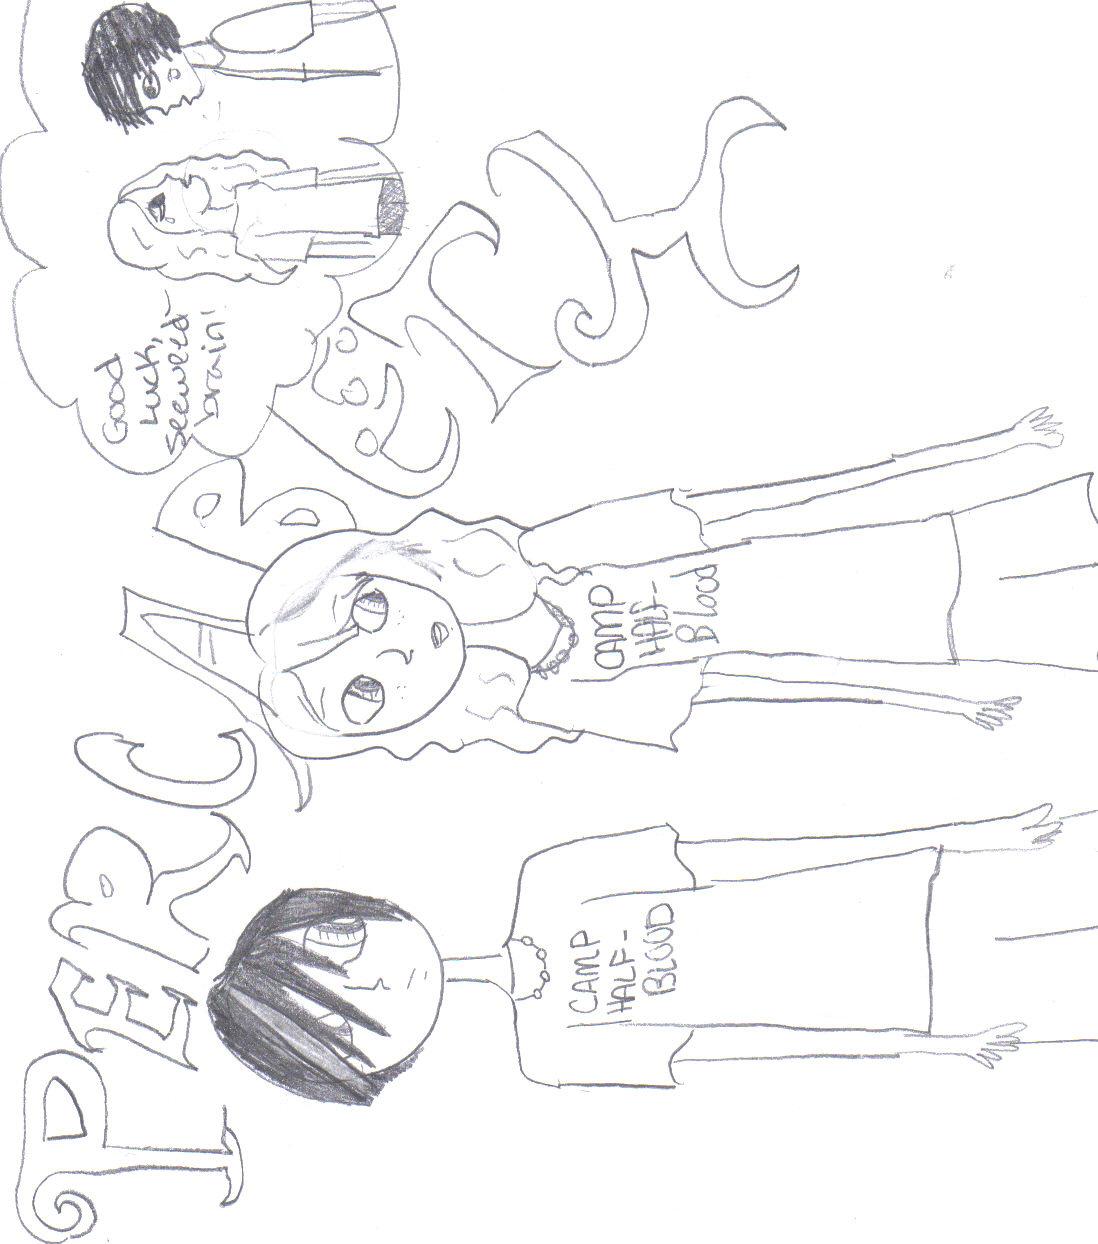 Percabeth- Percy and Annabeth